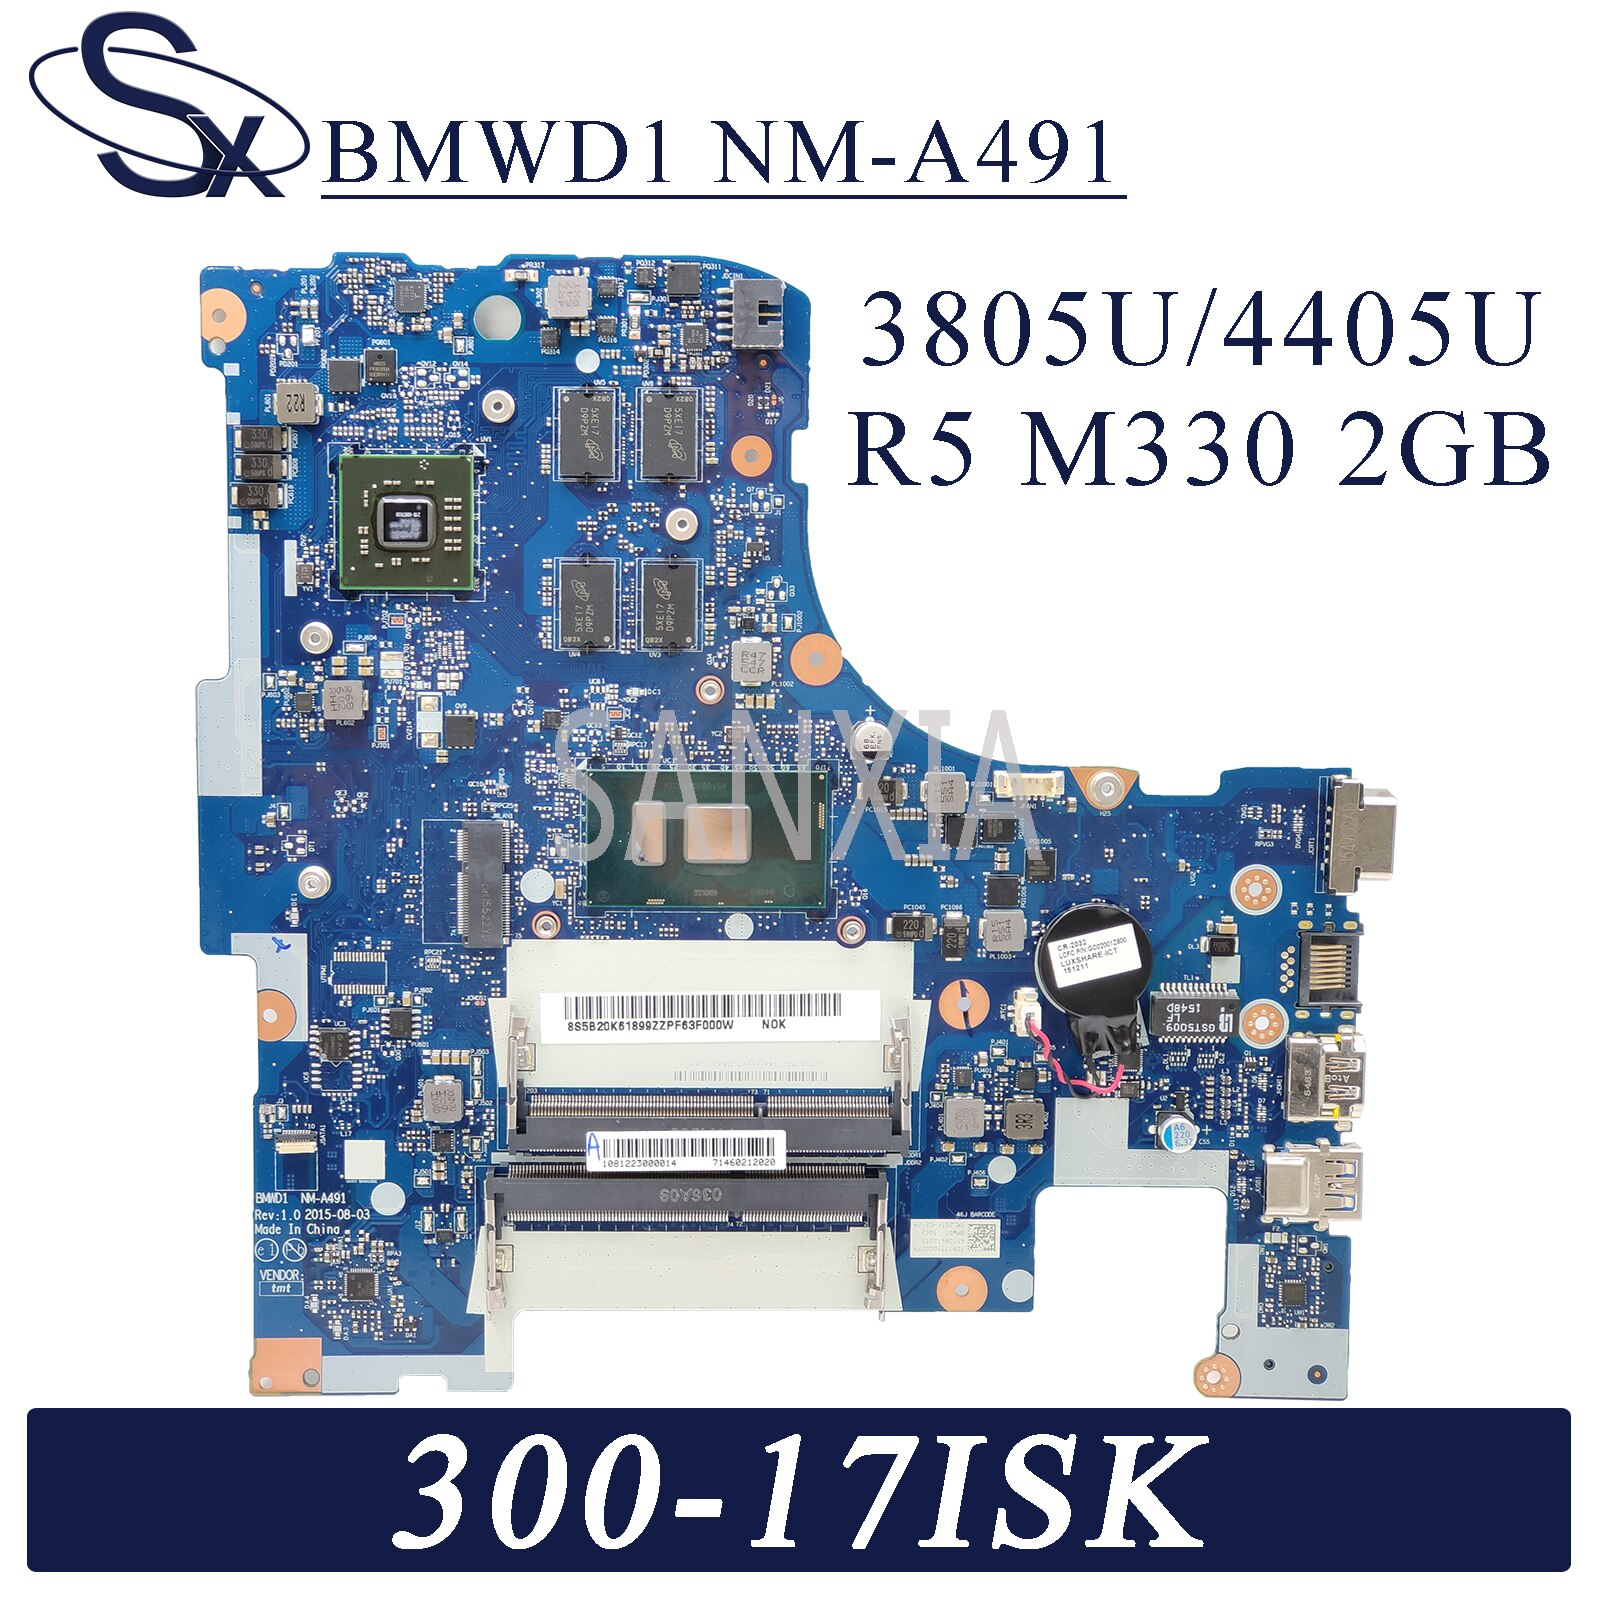 KEFU NM-A491 اللوحة المحمول لينوفو Ideapad 300-17ISK اللوحة الأصلية 4405U/3805U R5-M330